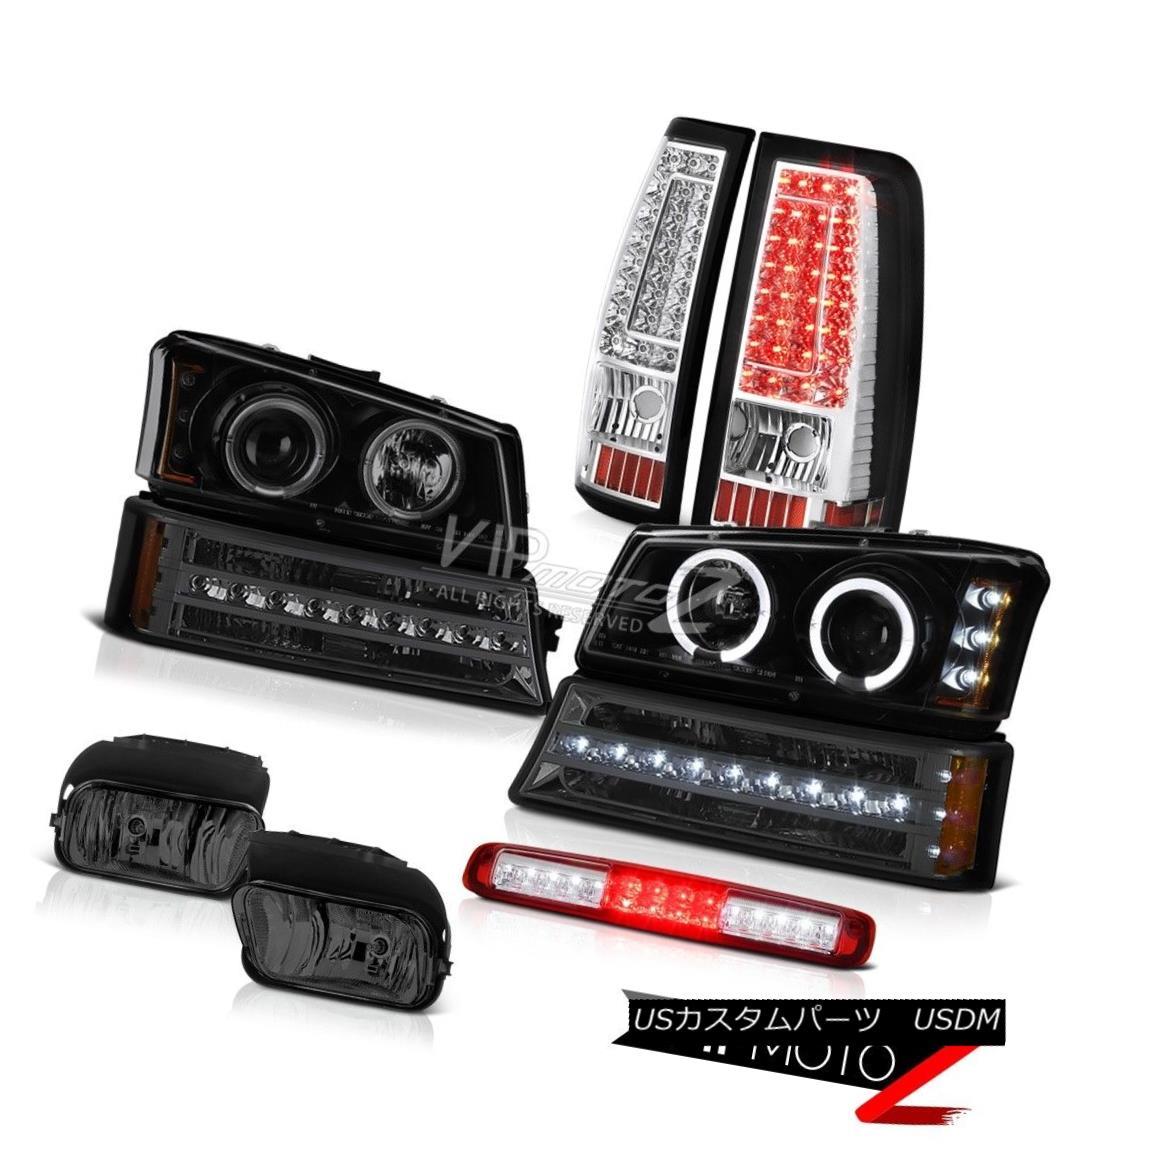 ヘッドライト 03-06 Silverado 2500Hd Red 3RD Brake Light Fog Lamps Tail Turn Signal Headlamps 03-06 Silverado 2500Hd赤3RDブレーキライトフォグランプテールターンシグナルヘッドランプ